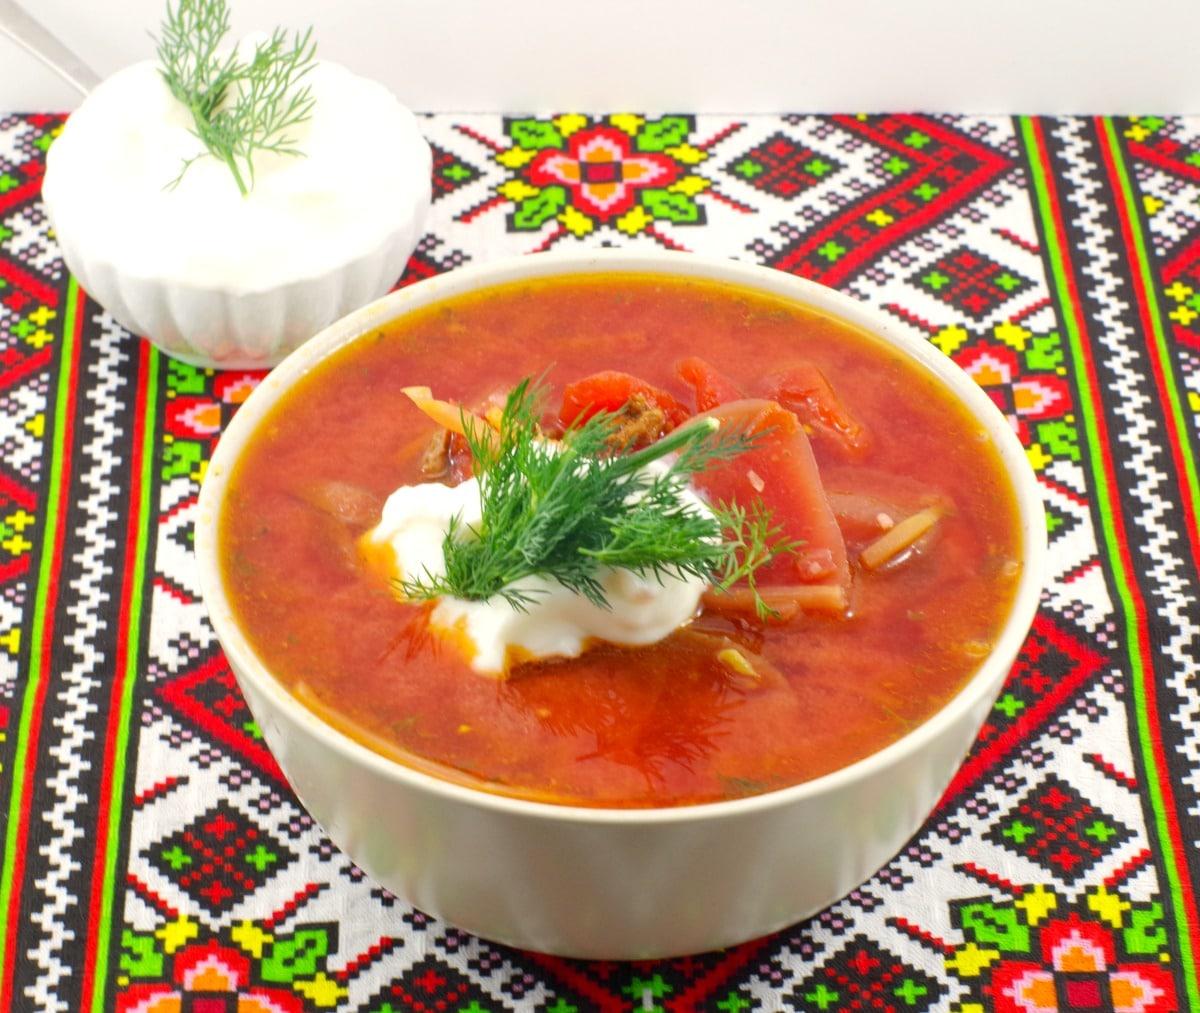 Ukrainian Borscht recipe | with evaporated milk - foodmeandeirngs.com